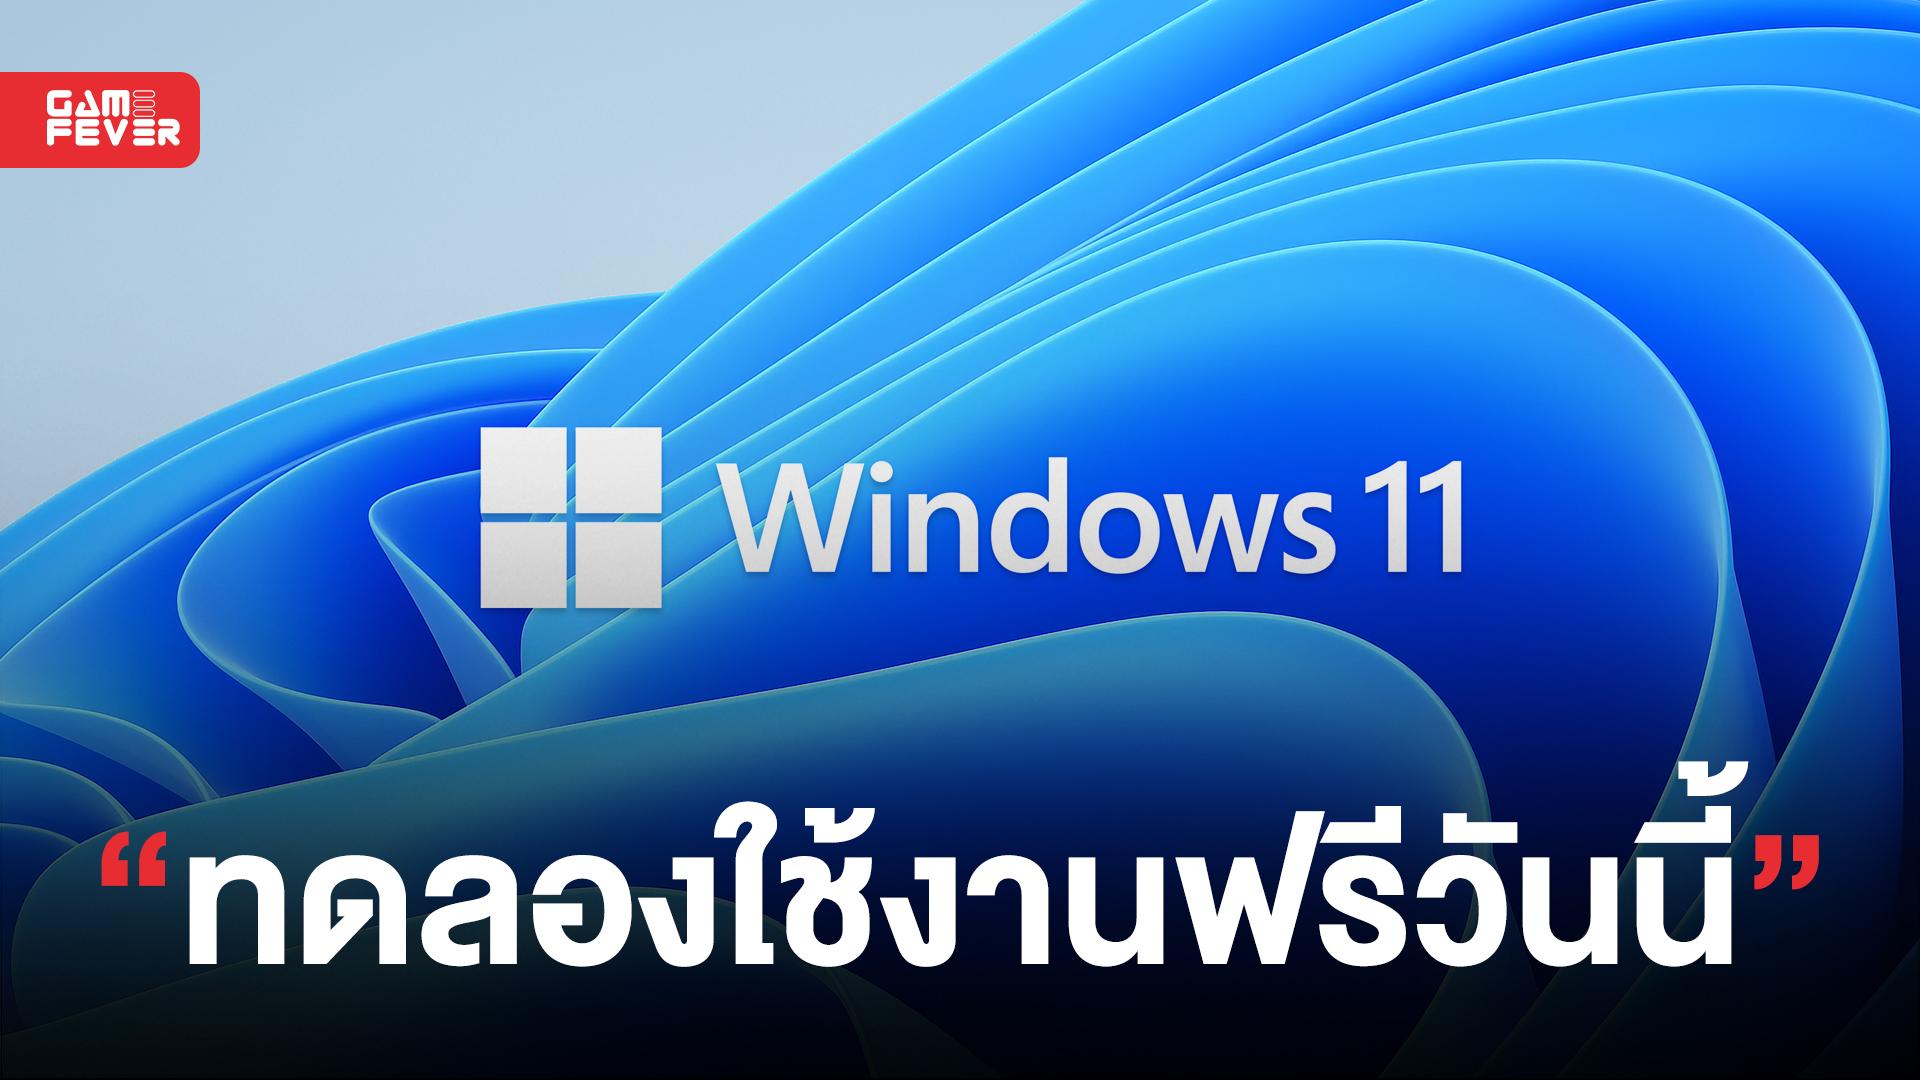 Windows11 เปิดตัวอย่างเป็นทางการแล้ววันนี้ พร้อมให้อัปเกรดปลายปีนี้